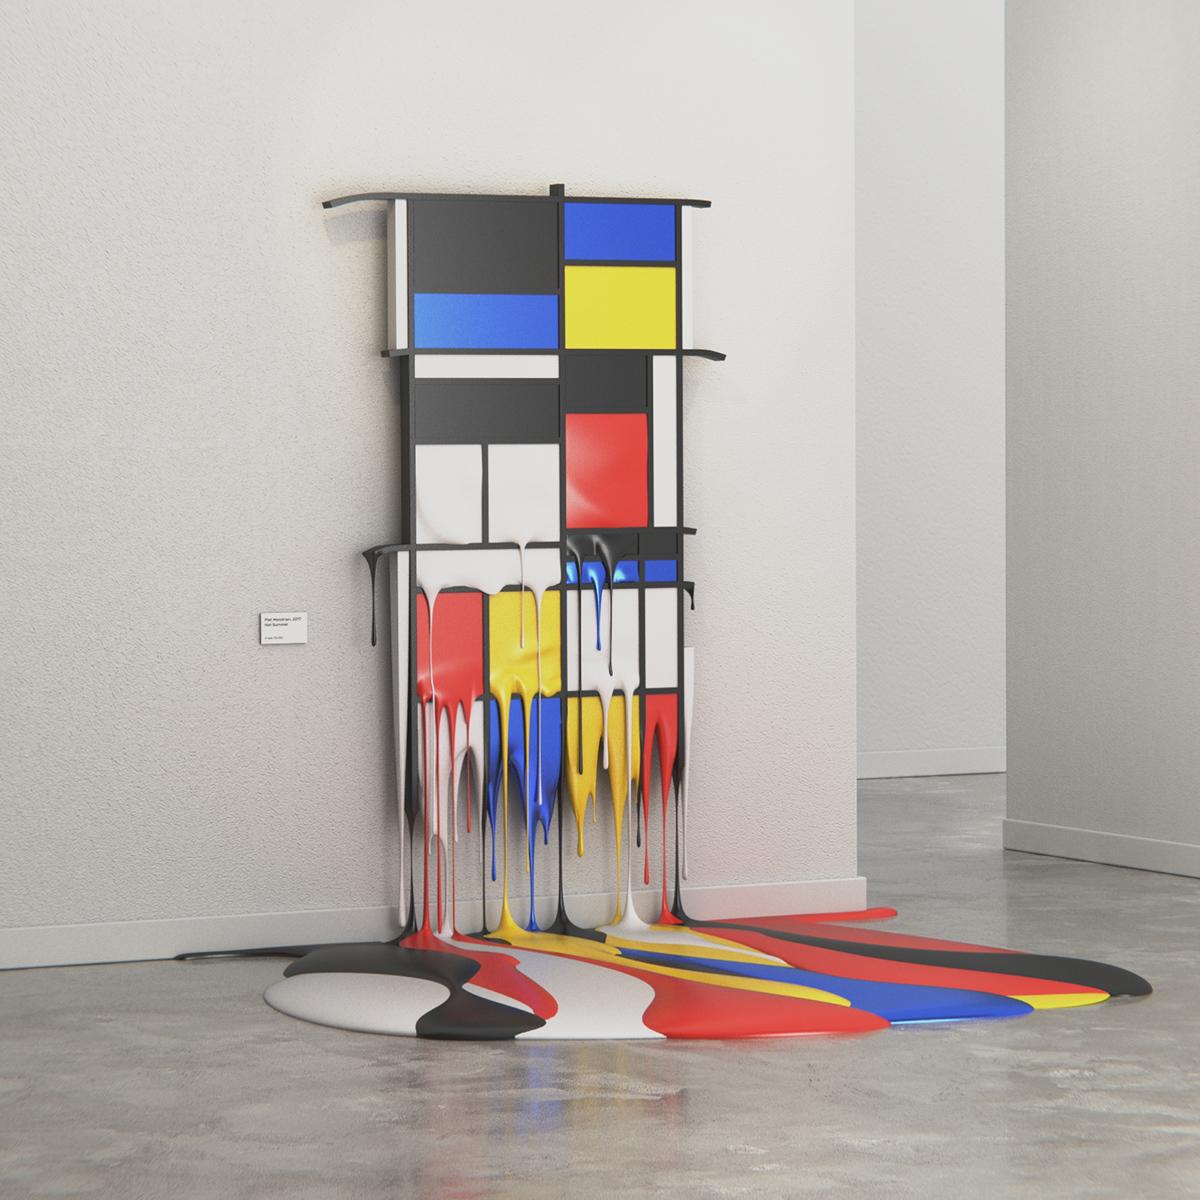 Hot Art Exhibition, gli effetti dell'estate sulle opere arte | Collater.al 1